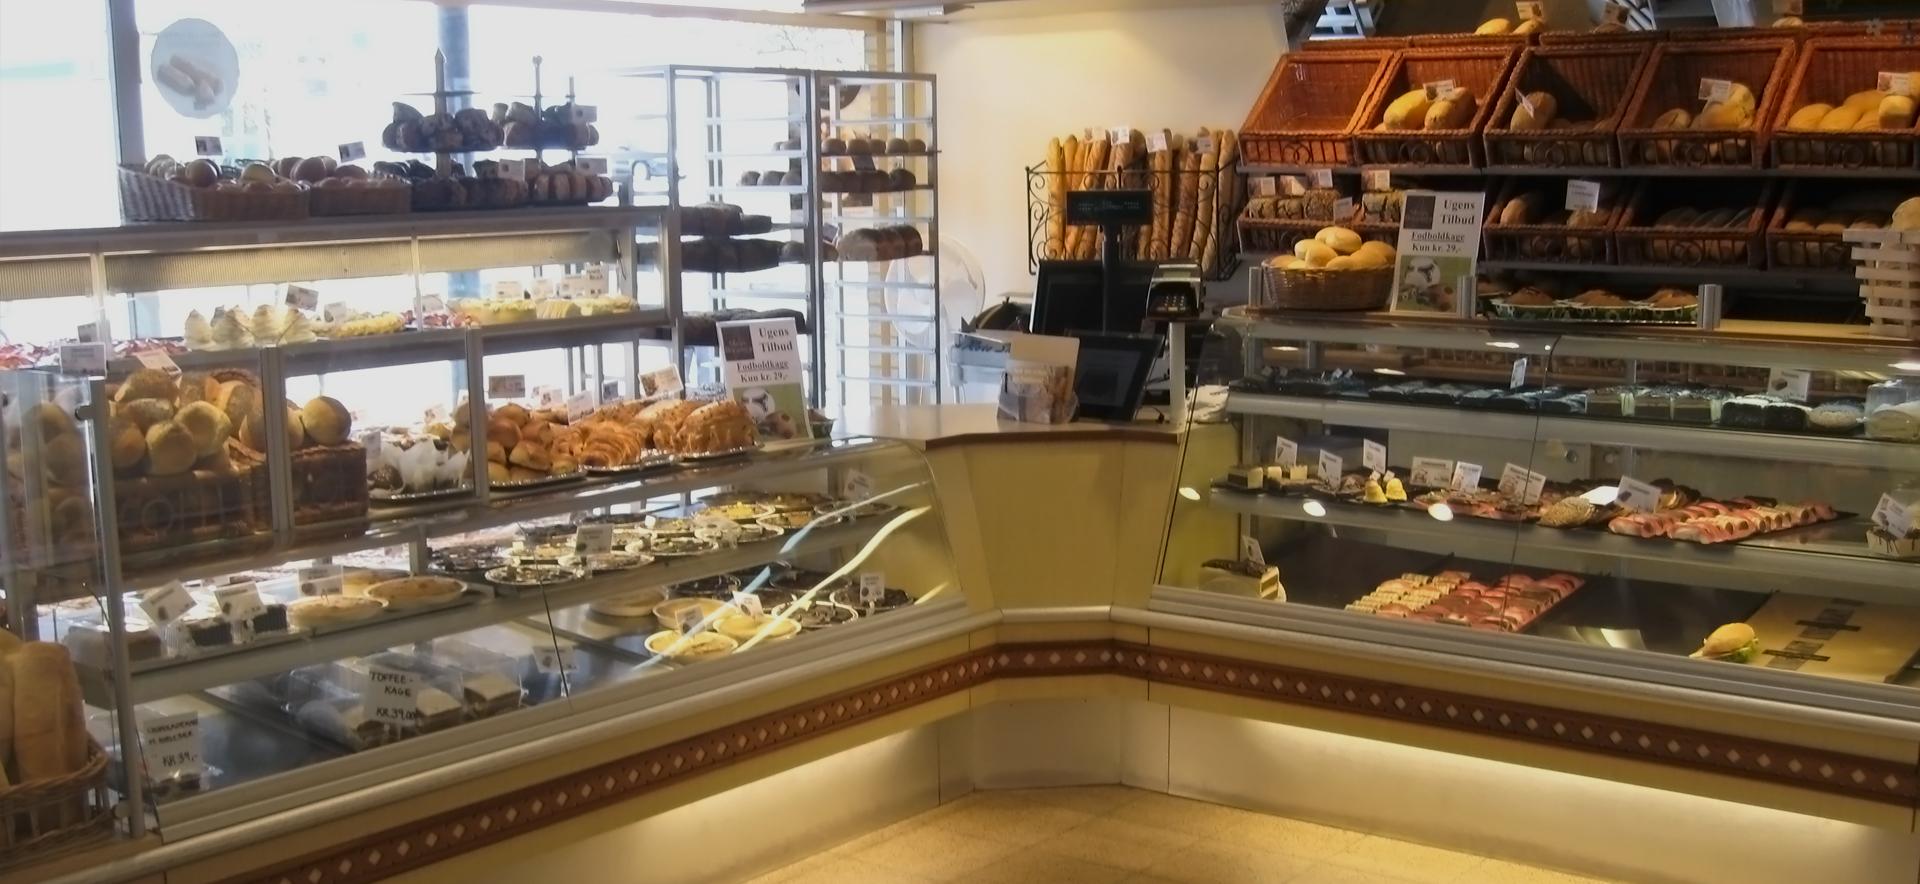 Skovs Bagerier Kolding – Bageri i Kolding